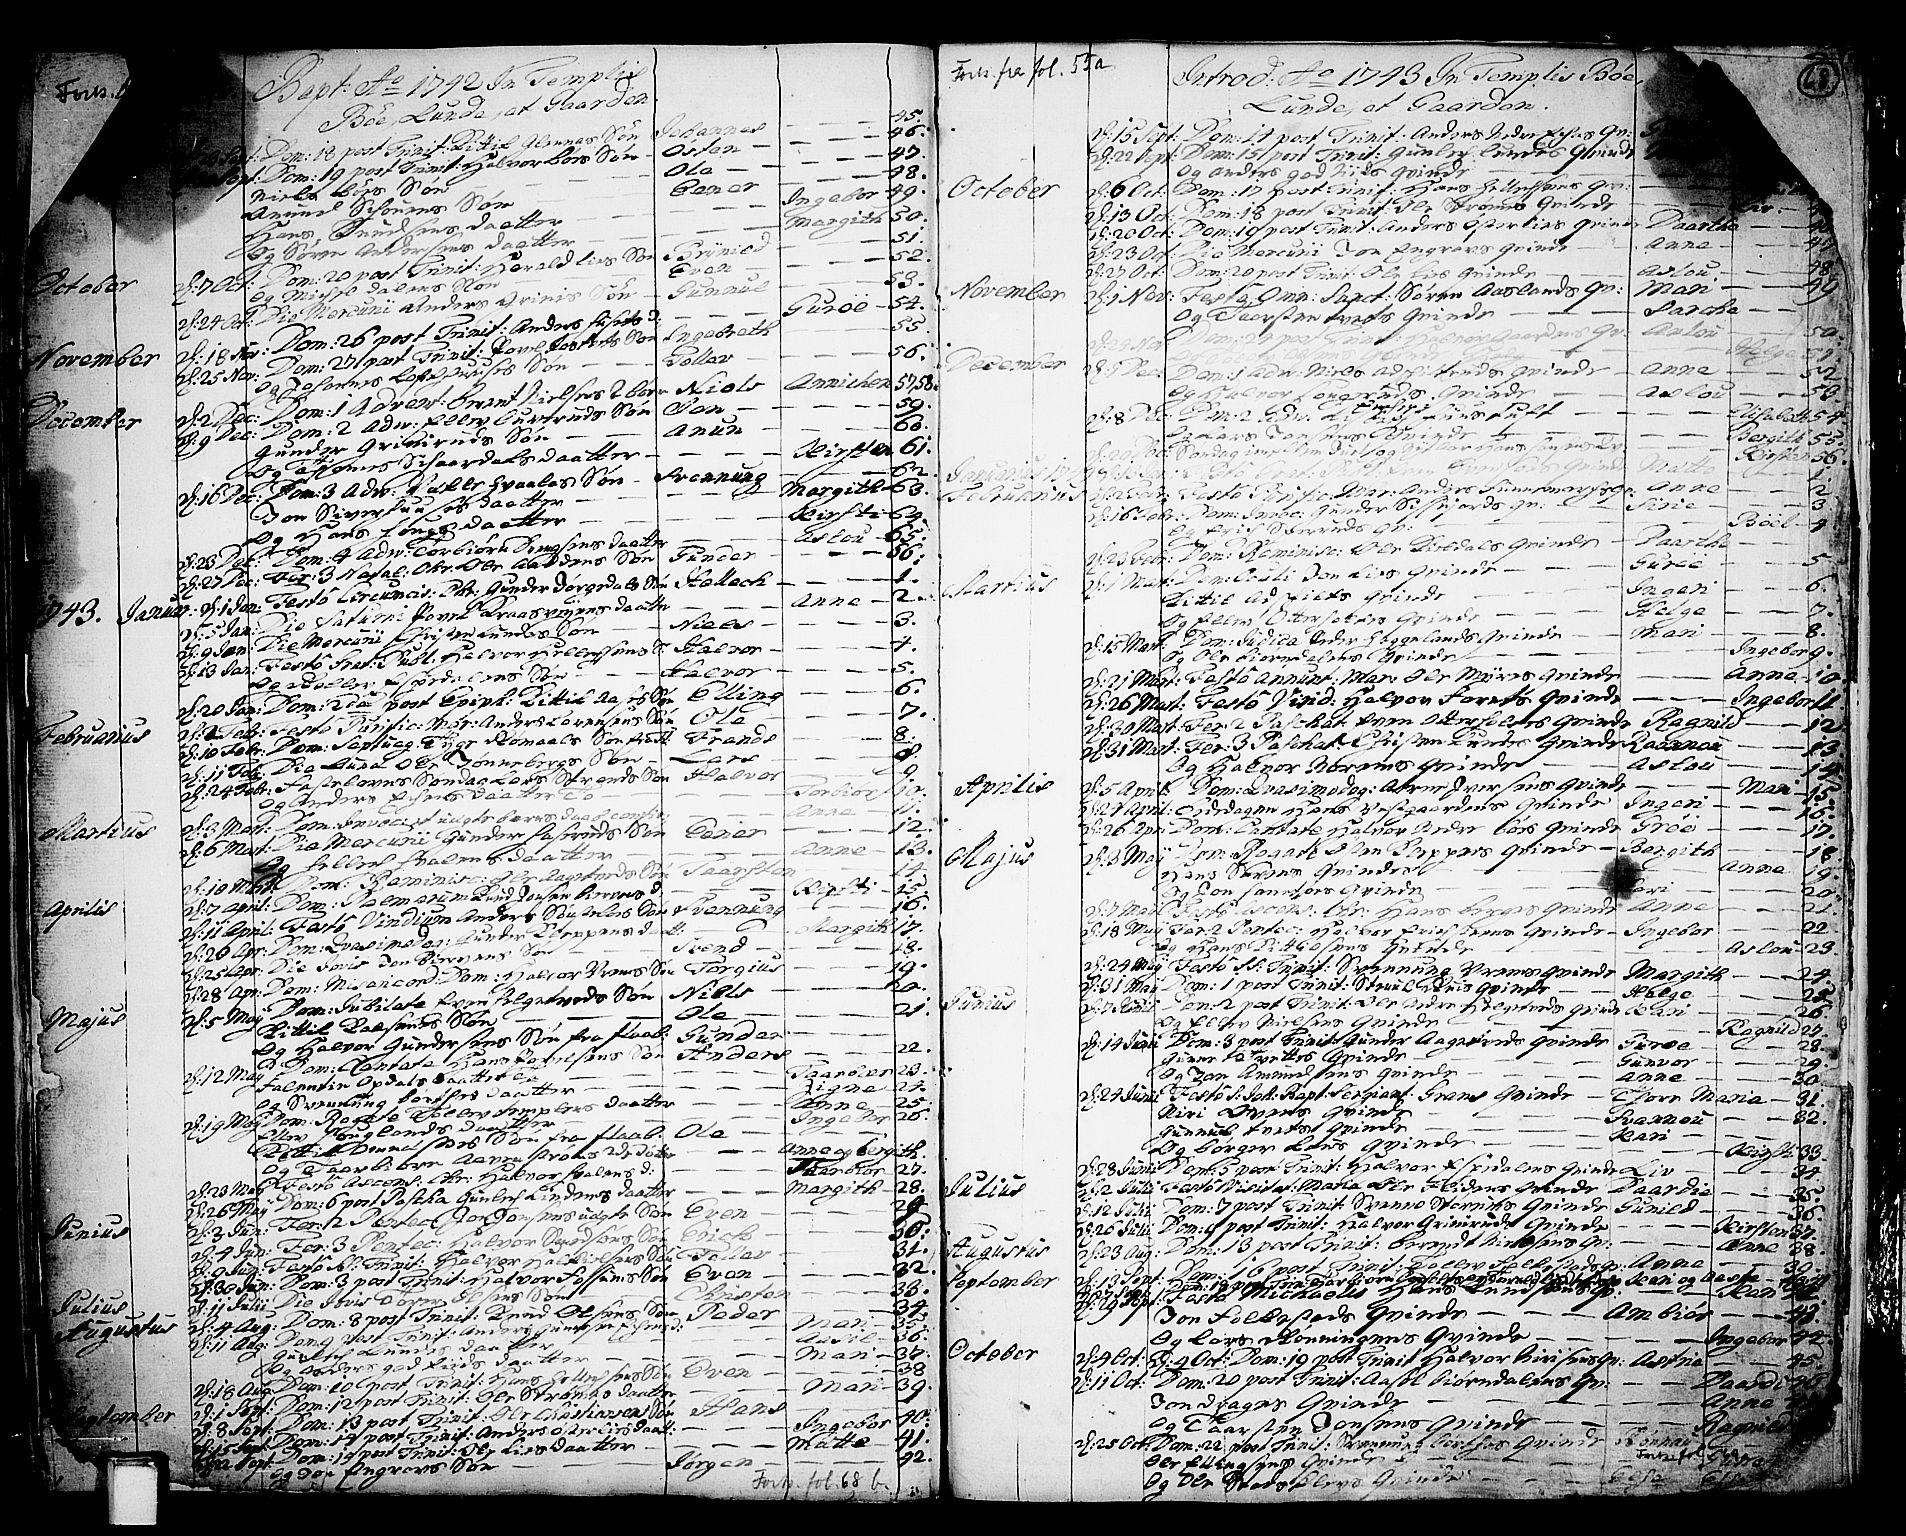 SAKO, Bø kirkebøker, F/Fa/L0003: Ministerialbok nr. 3, 1733-1748, s. 68